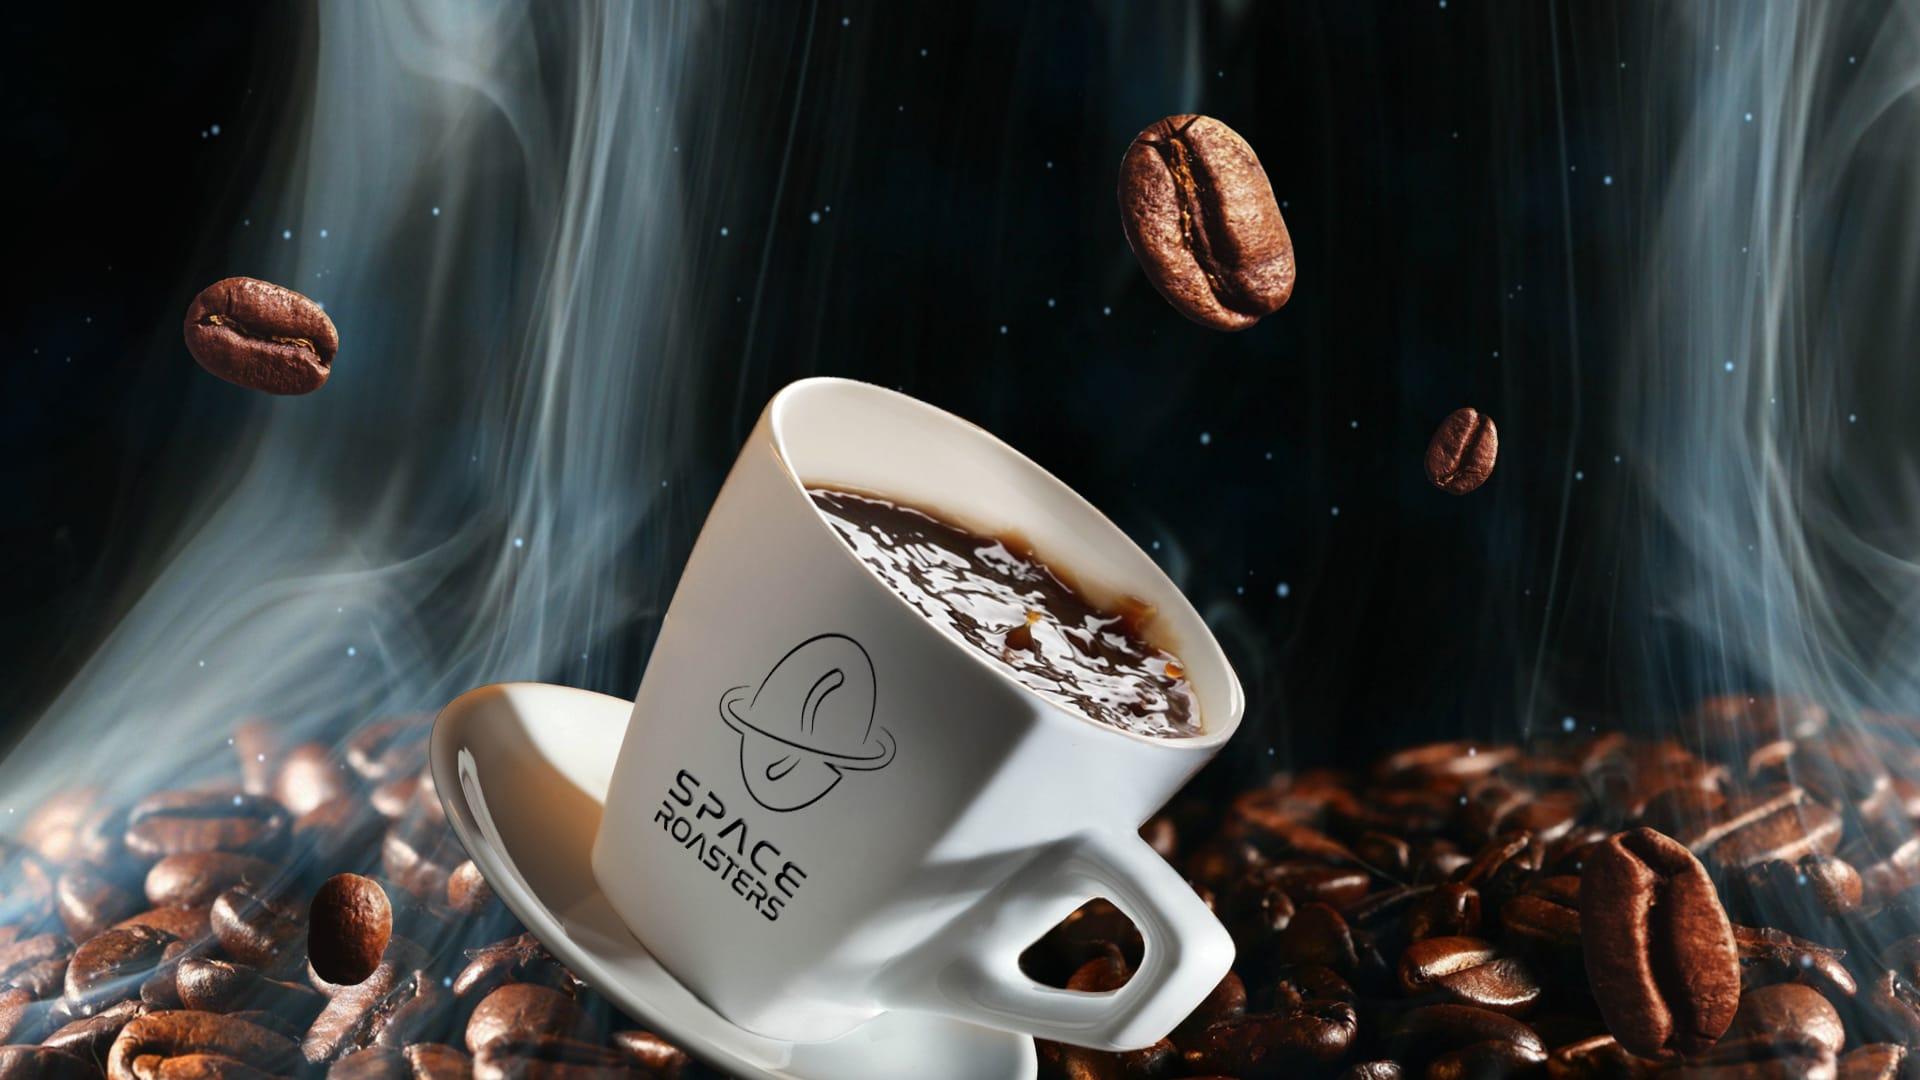 قريباً.. كوب قهوتك بنكهة فضائية في دبي